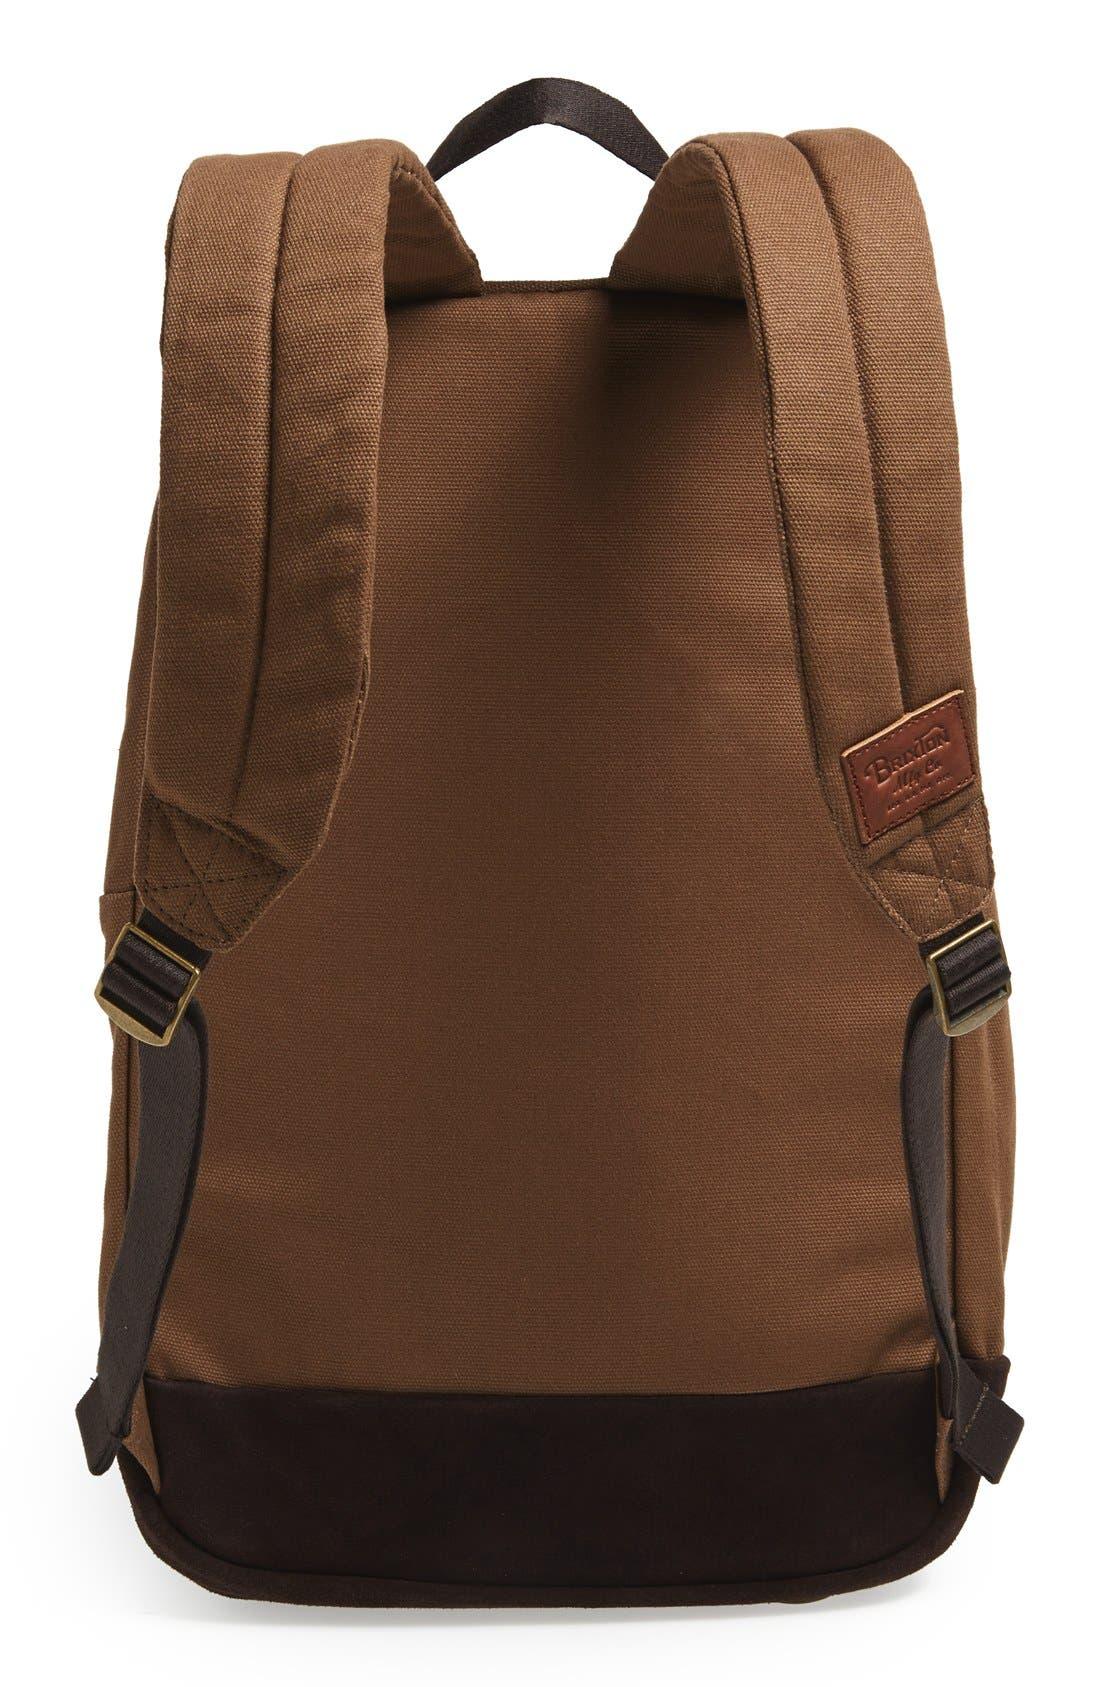 Alternate Image 2  - Brixton 'Basin' Backpack